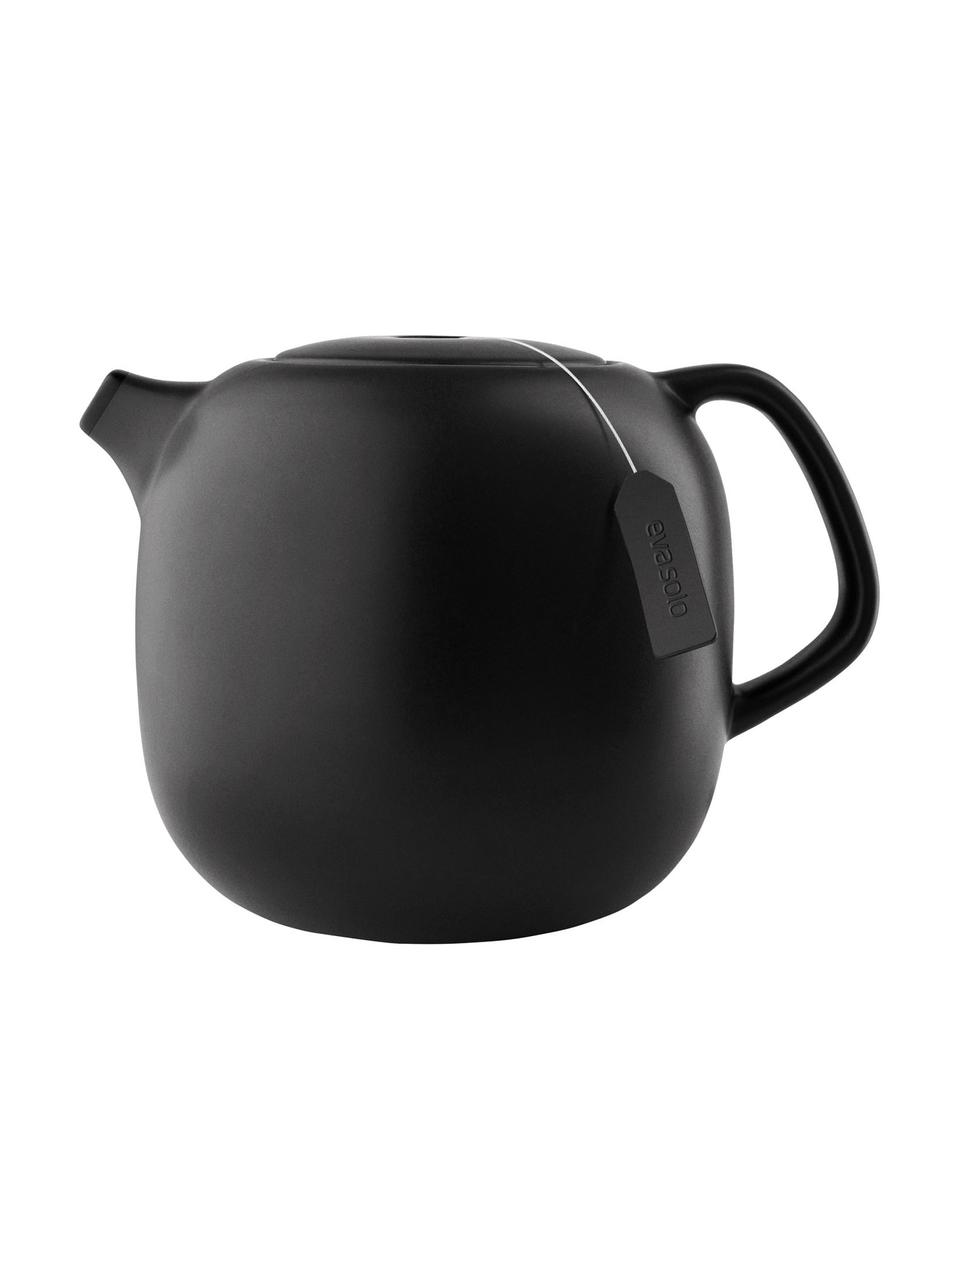 Teiera in gres nera Nordic Kitchen, 1 L, Nero opaco, 1 L